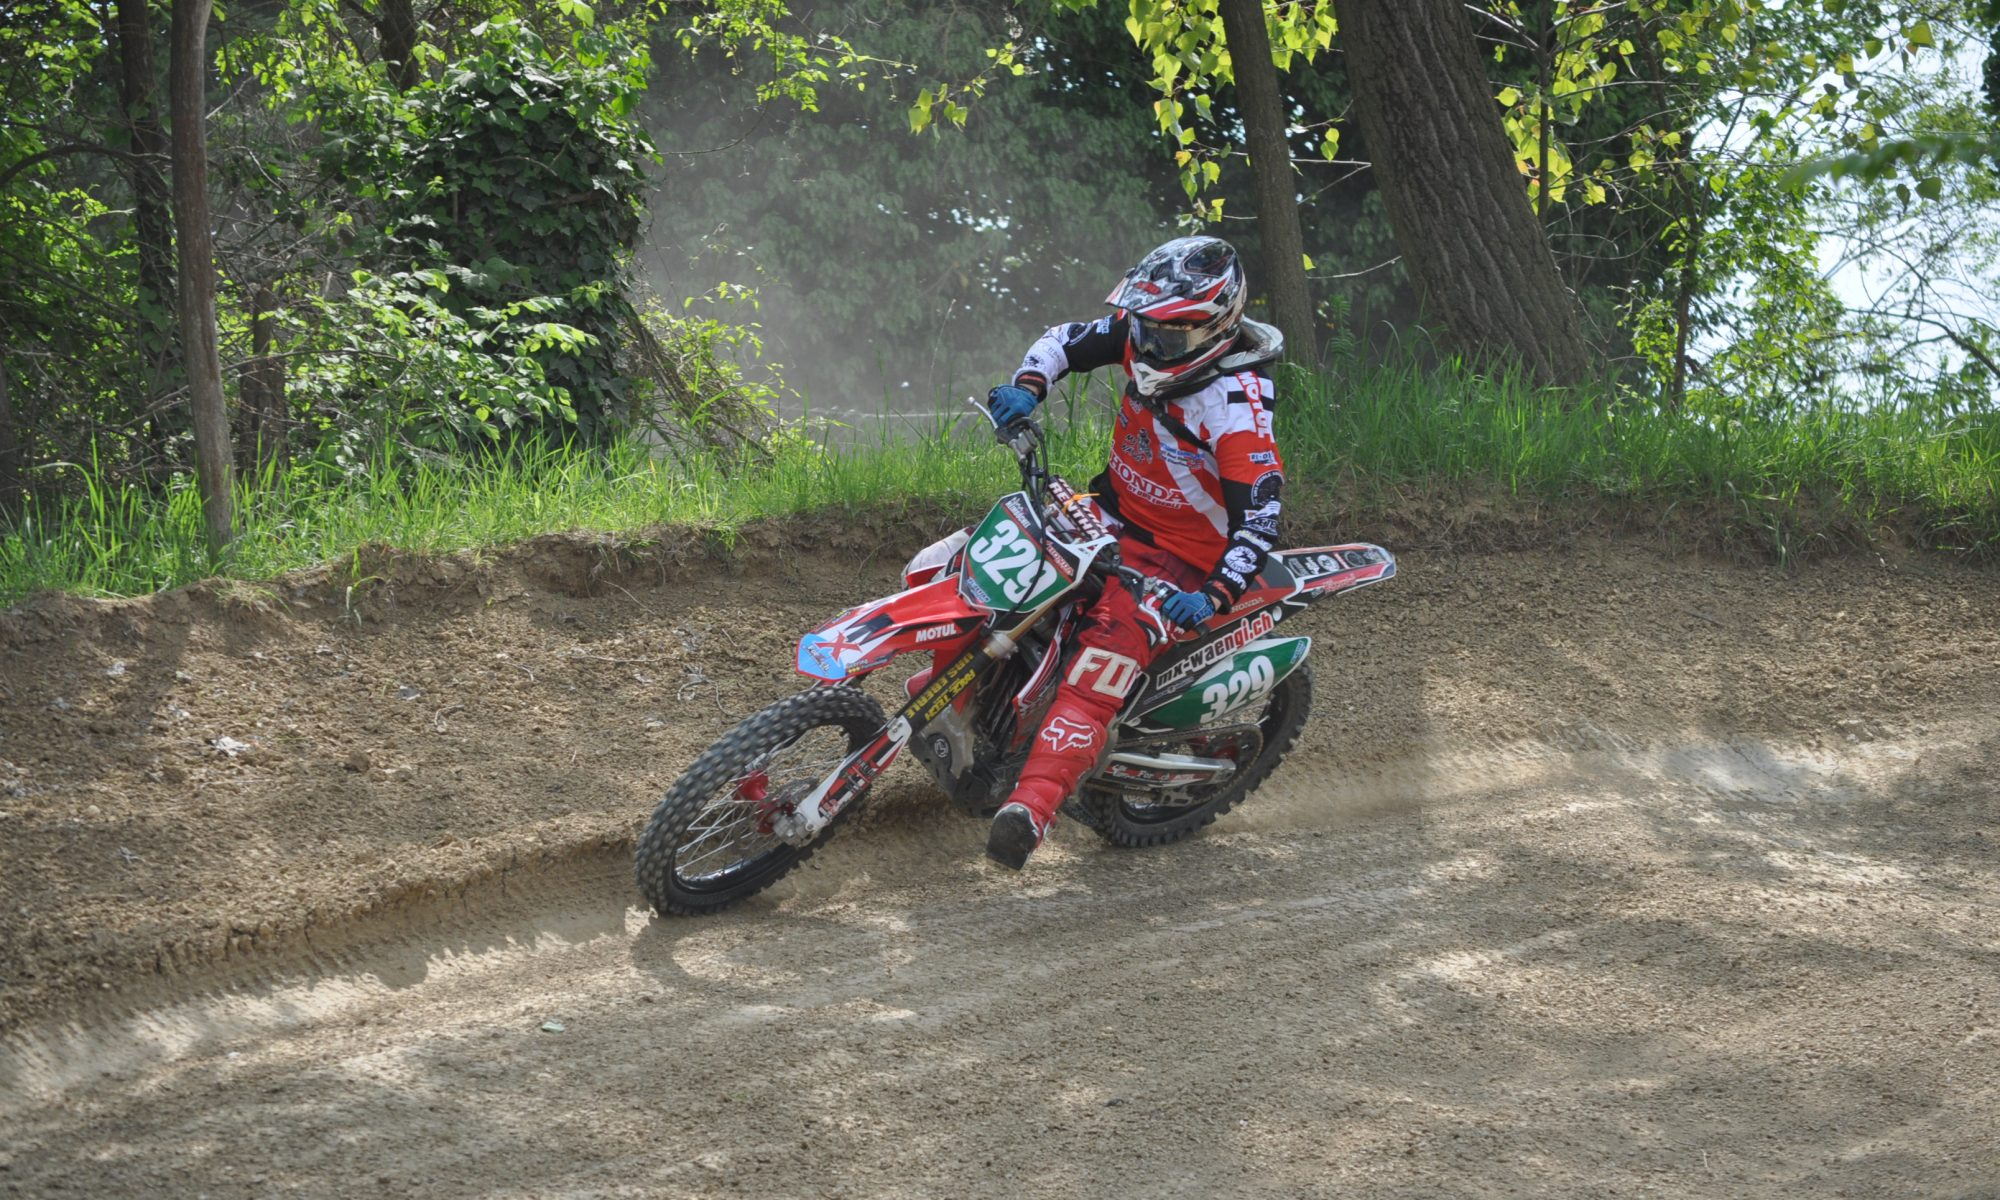 Vorbereitung auf die neue Saison - Nina Heimbüchel- Motocross-Adventskalender - miradlo Versanddepot